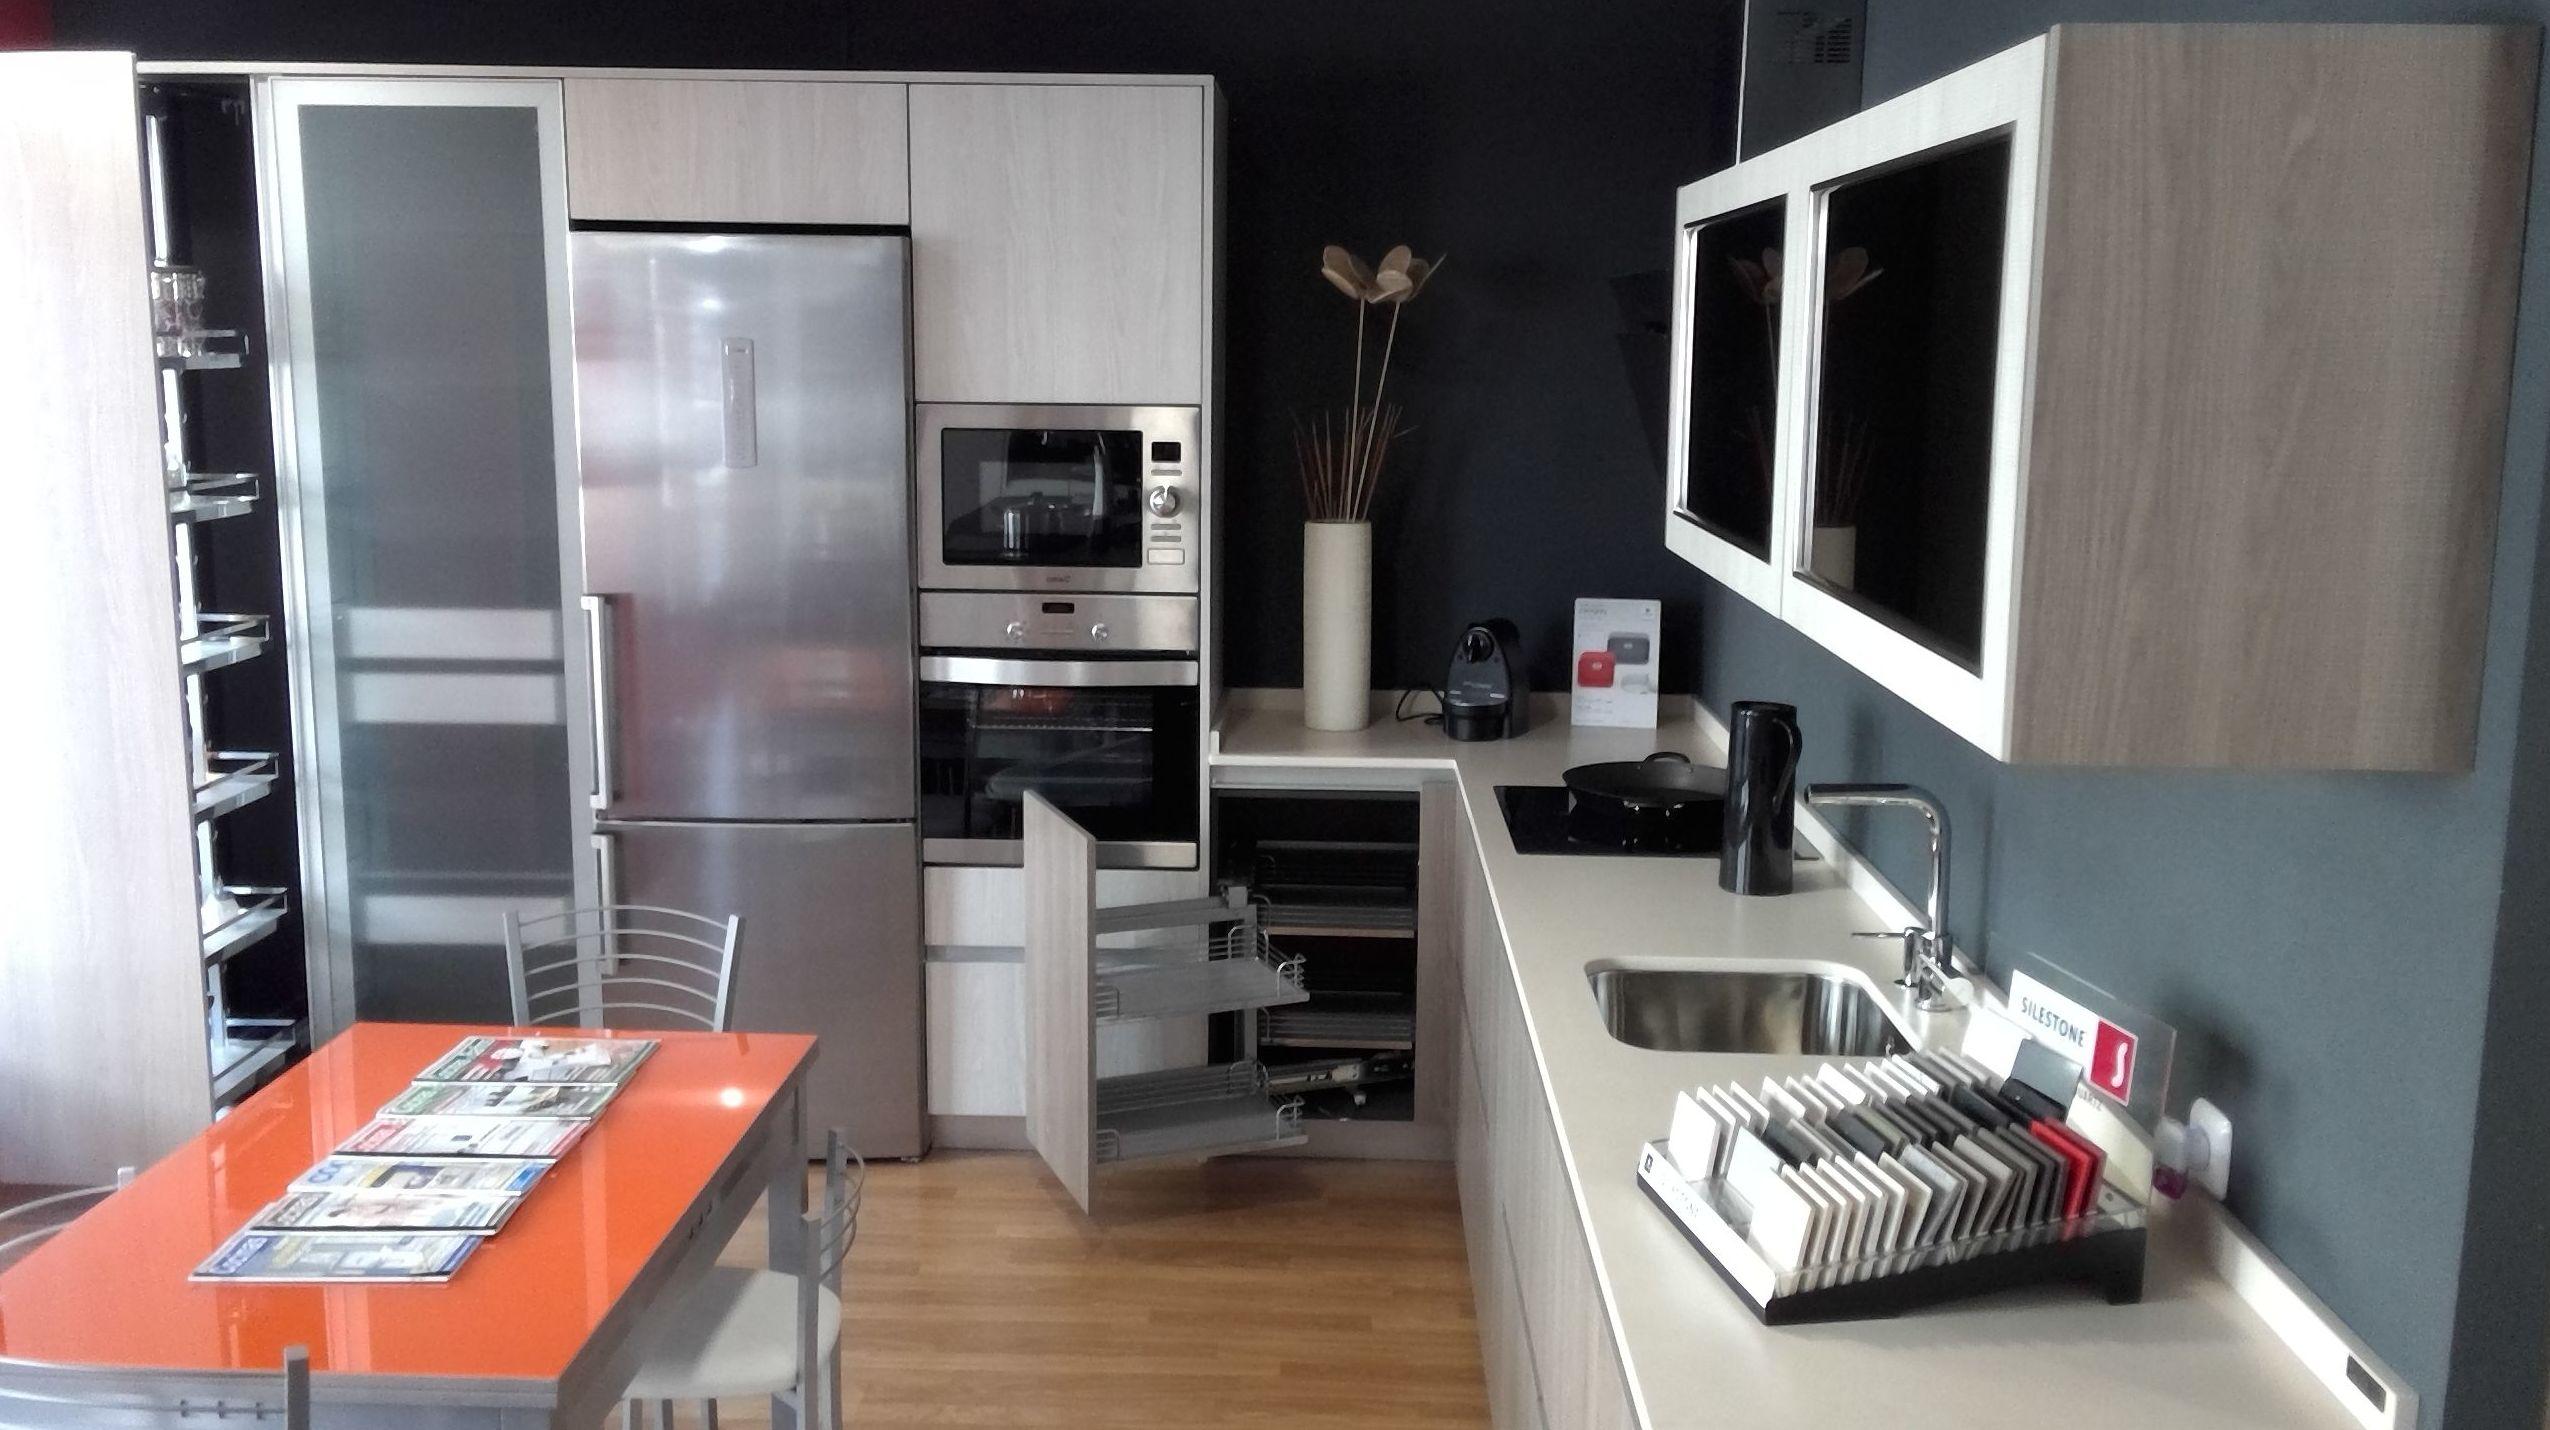 oferta de muebles de cocina en Alcobendas